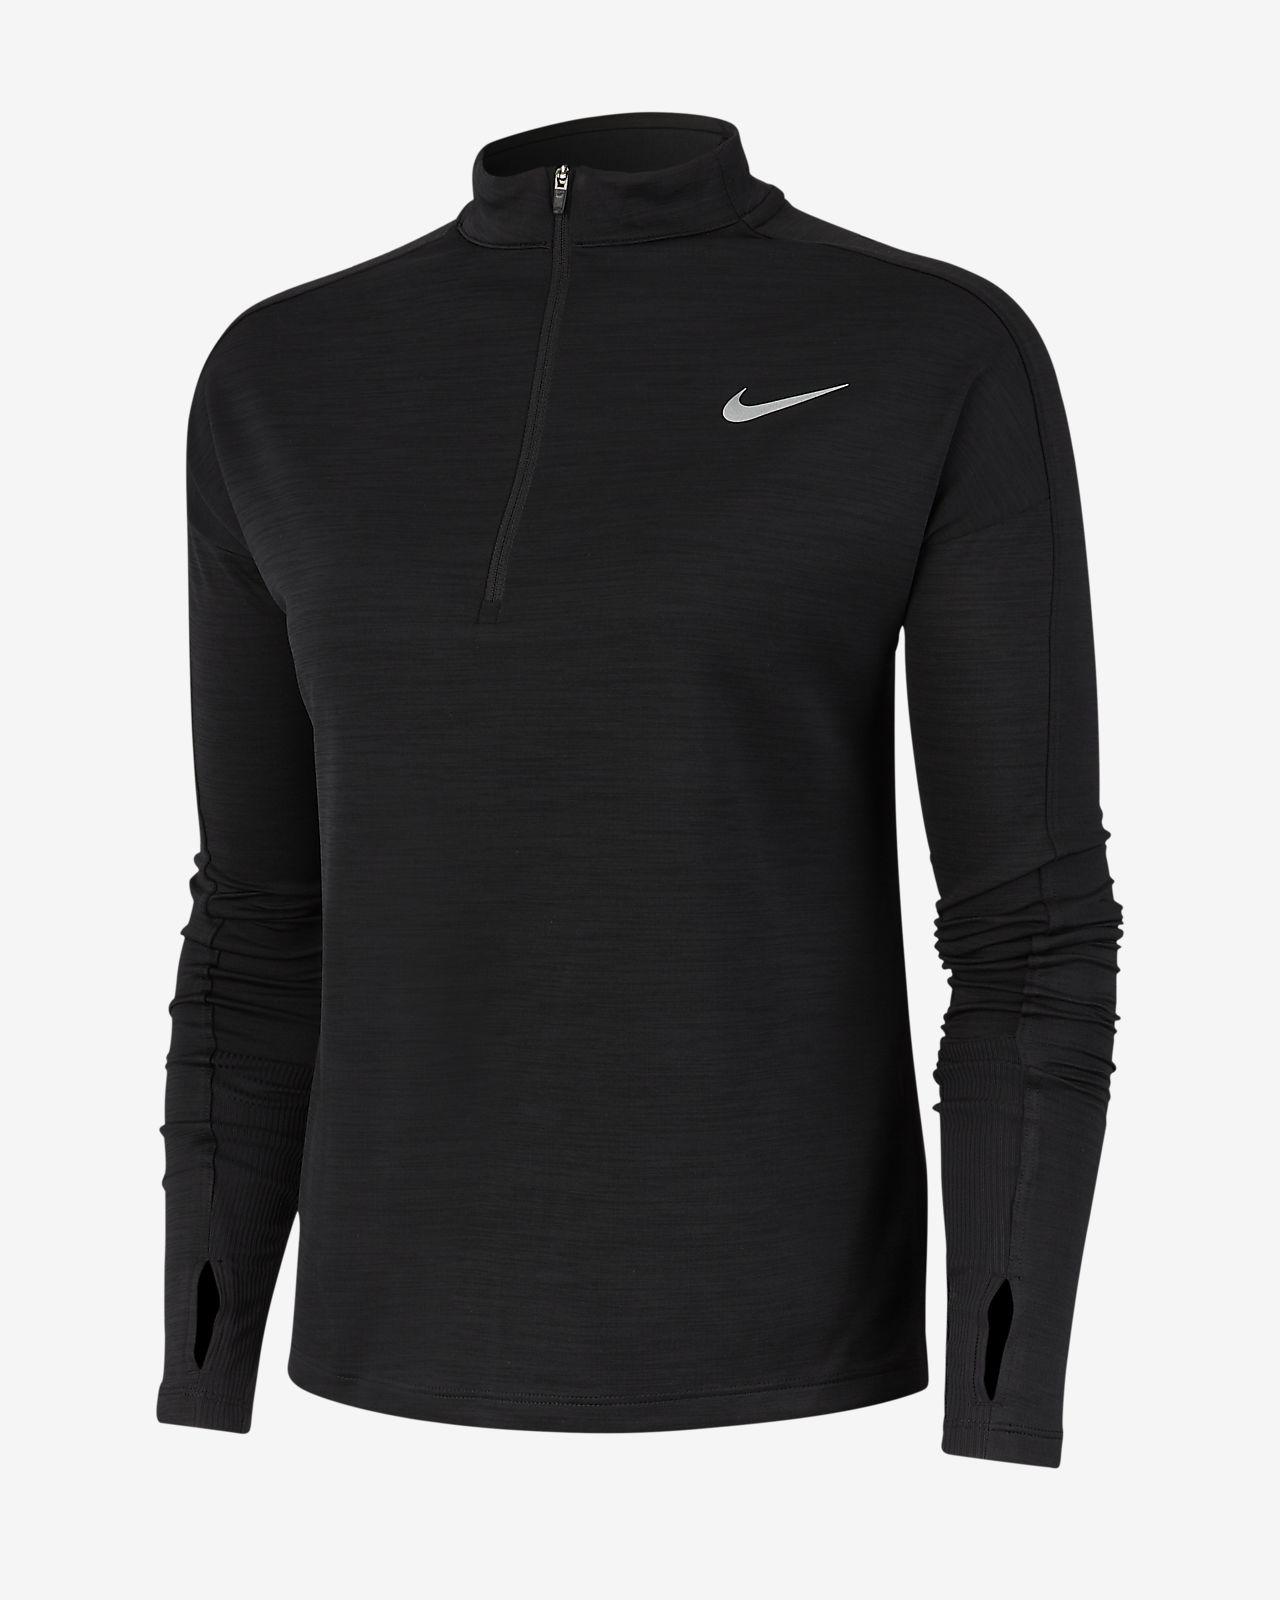 Haut de running demi-zippé Nike Pacer pour Femme